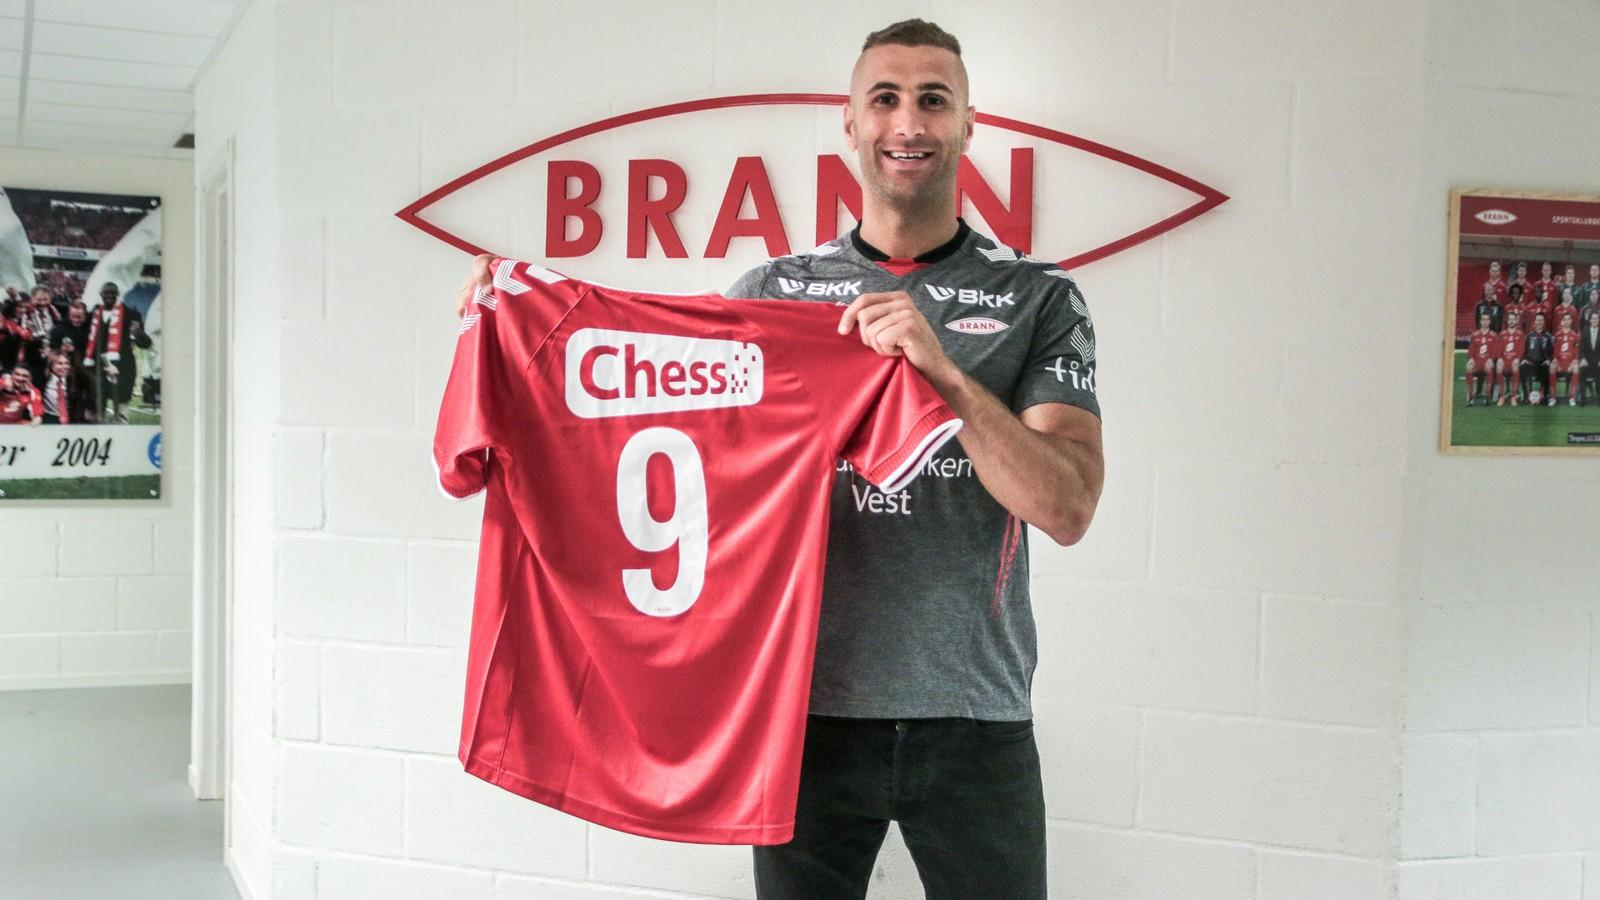 Tilbake for tredje gang: Azar Karadas signerte for Brann foran 2014-sesongen og gikk da løs på sin tredje periode i klubben.